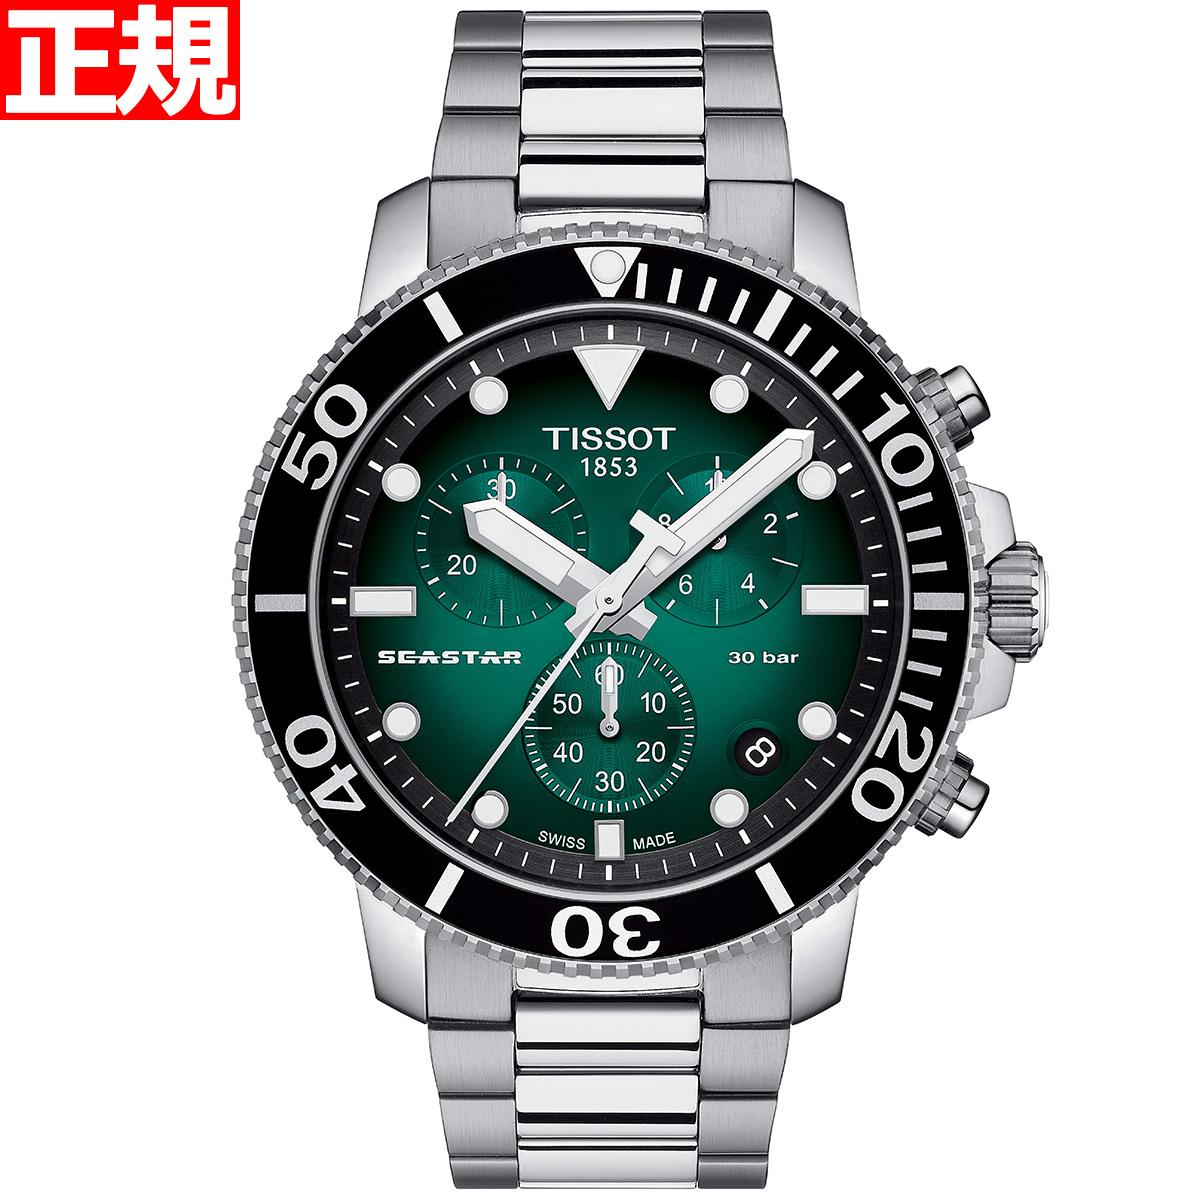 ティソ TISSOT シースター 1000 T120.417.11.091.01 メンズ 腕時計 ダイバーズウォッチ クロノグラフ グリーングラデーション SEASTAR 1000 CHRONOGRAPH